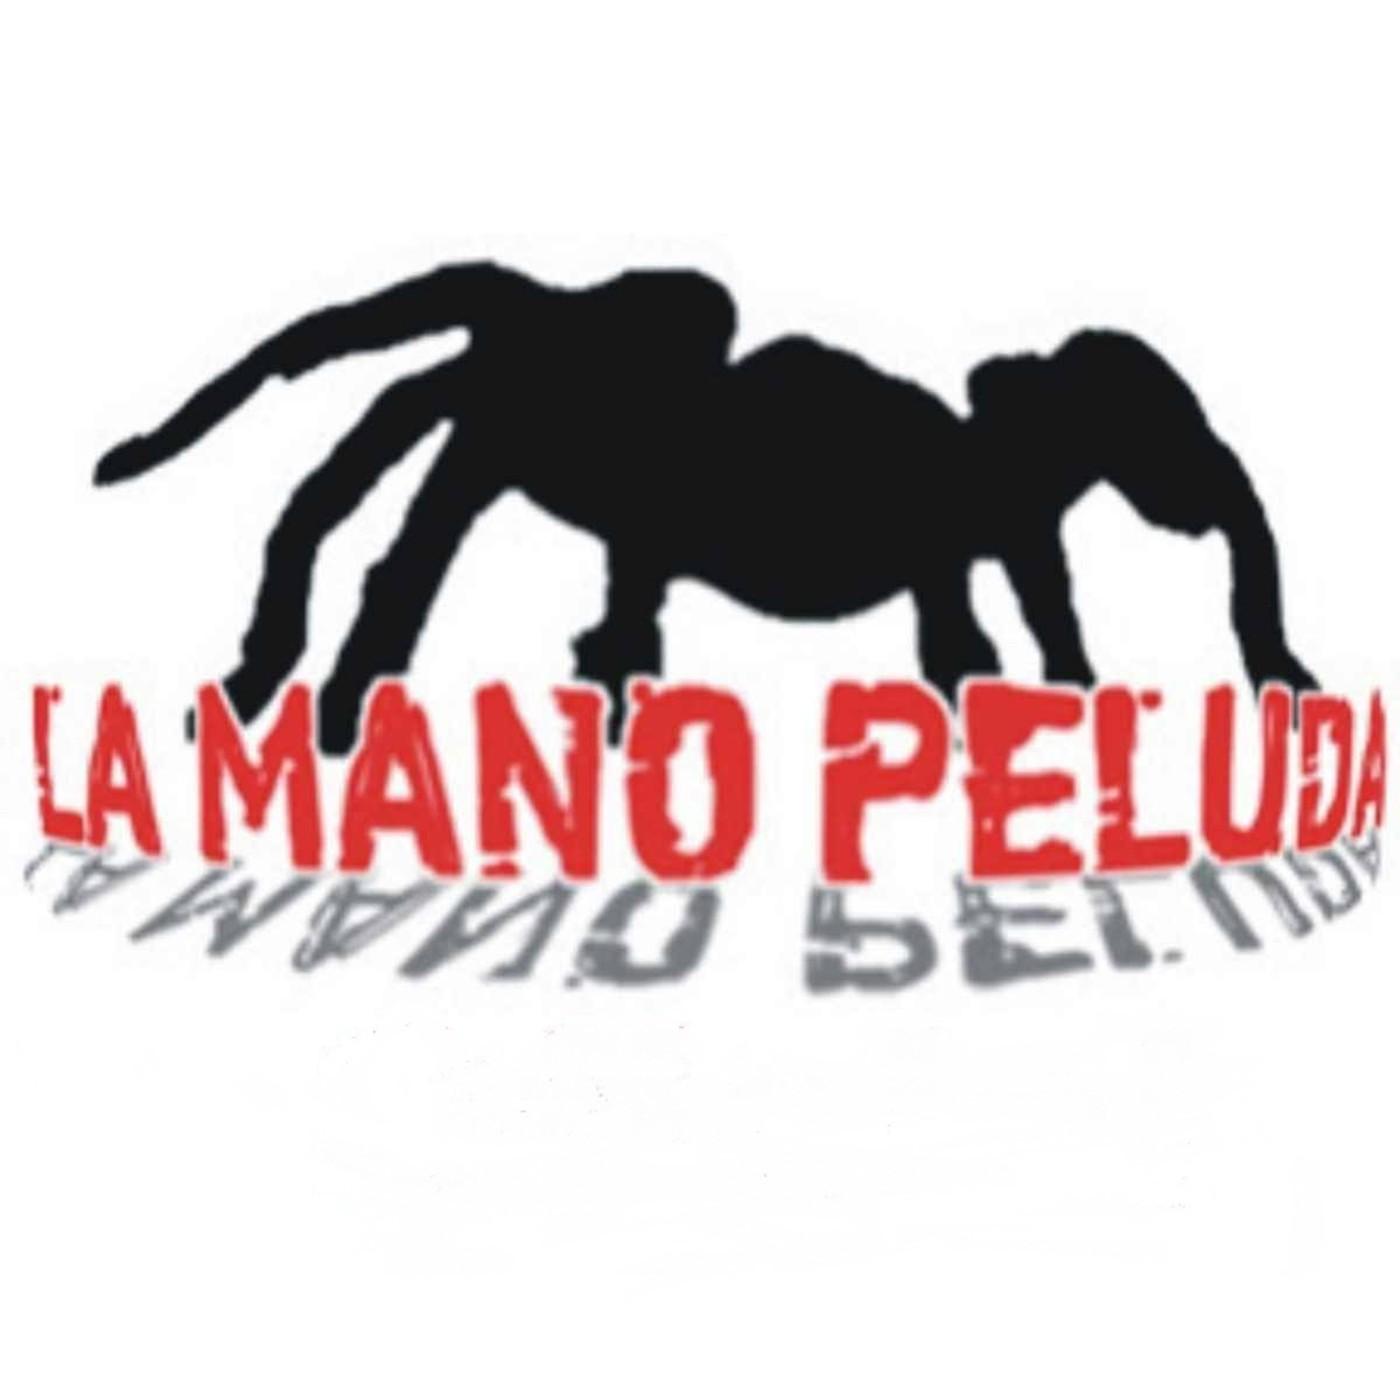 La Mano Peluda | 10 de Enero 2018 en La Mano Peluda Oficial en mp3 ...